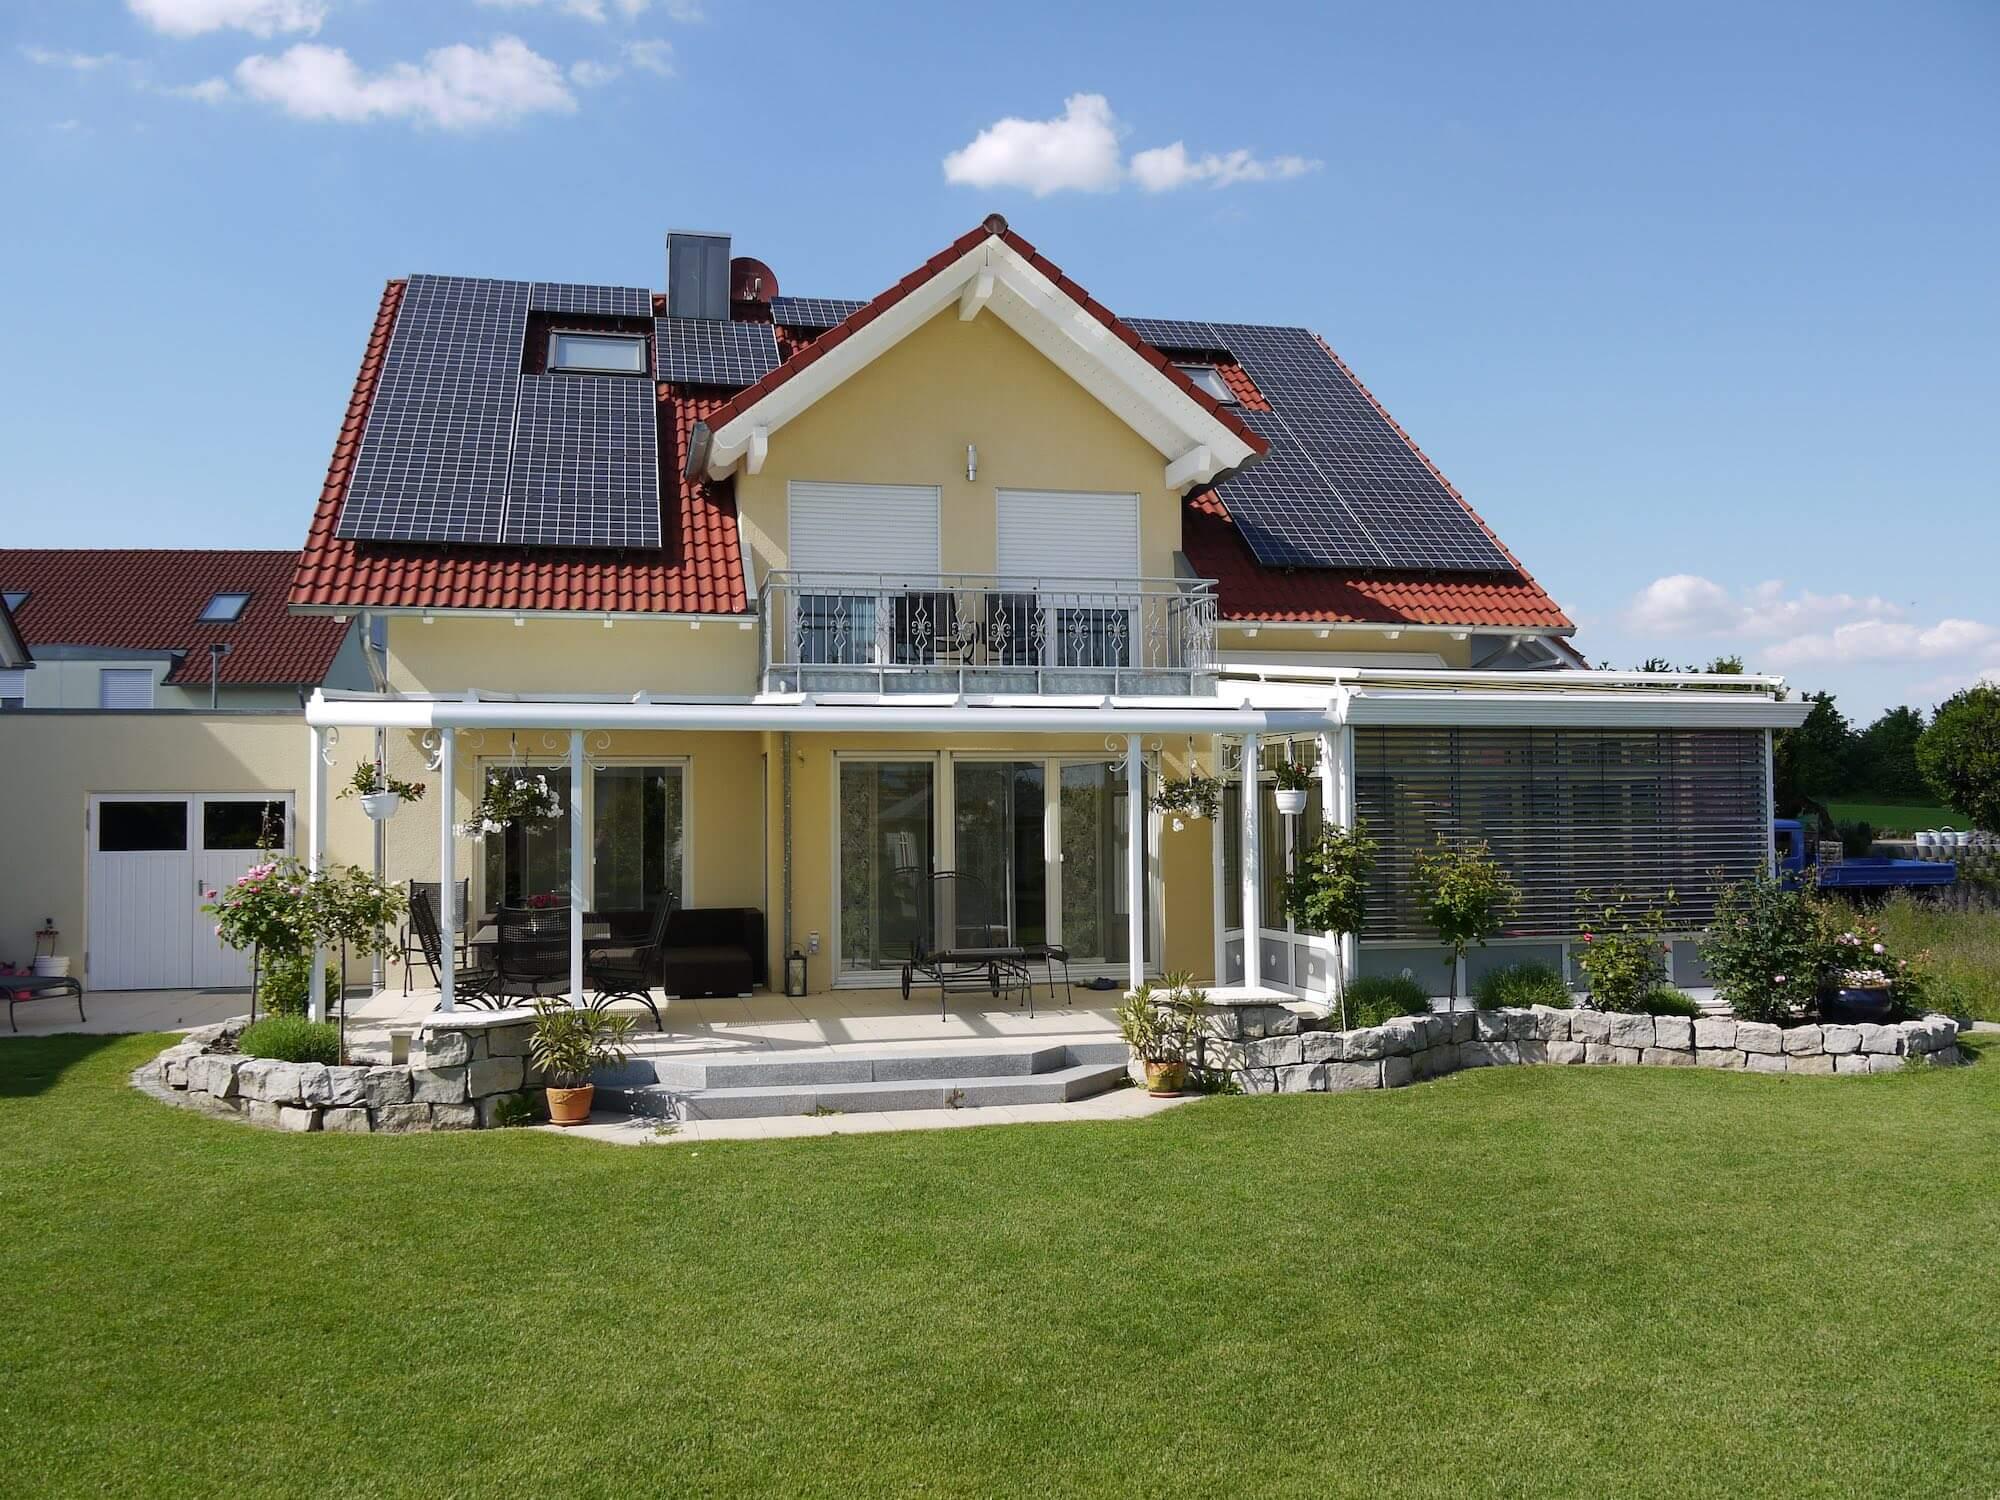 Terrassendach der Marke WiPro mit Außenblick vom Garten auf das Haus von Ottis Fenster und Türen